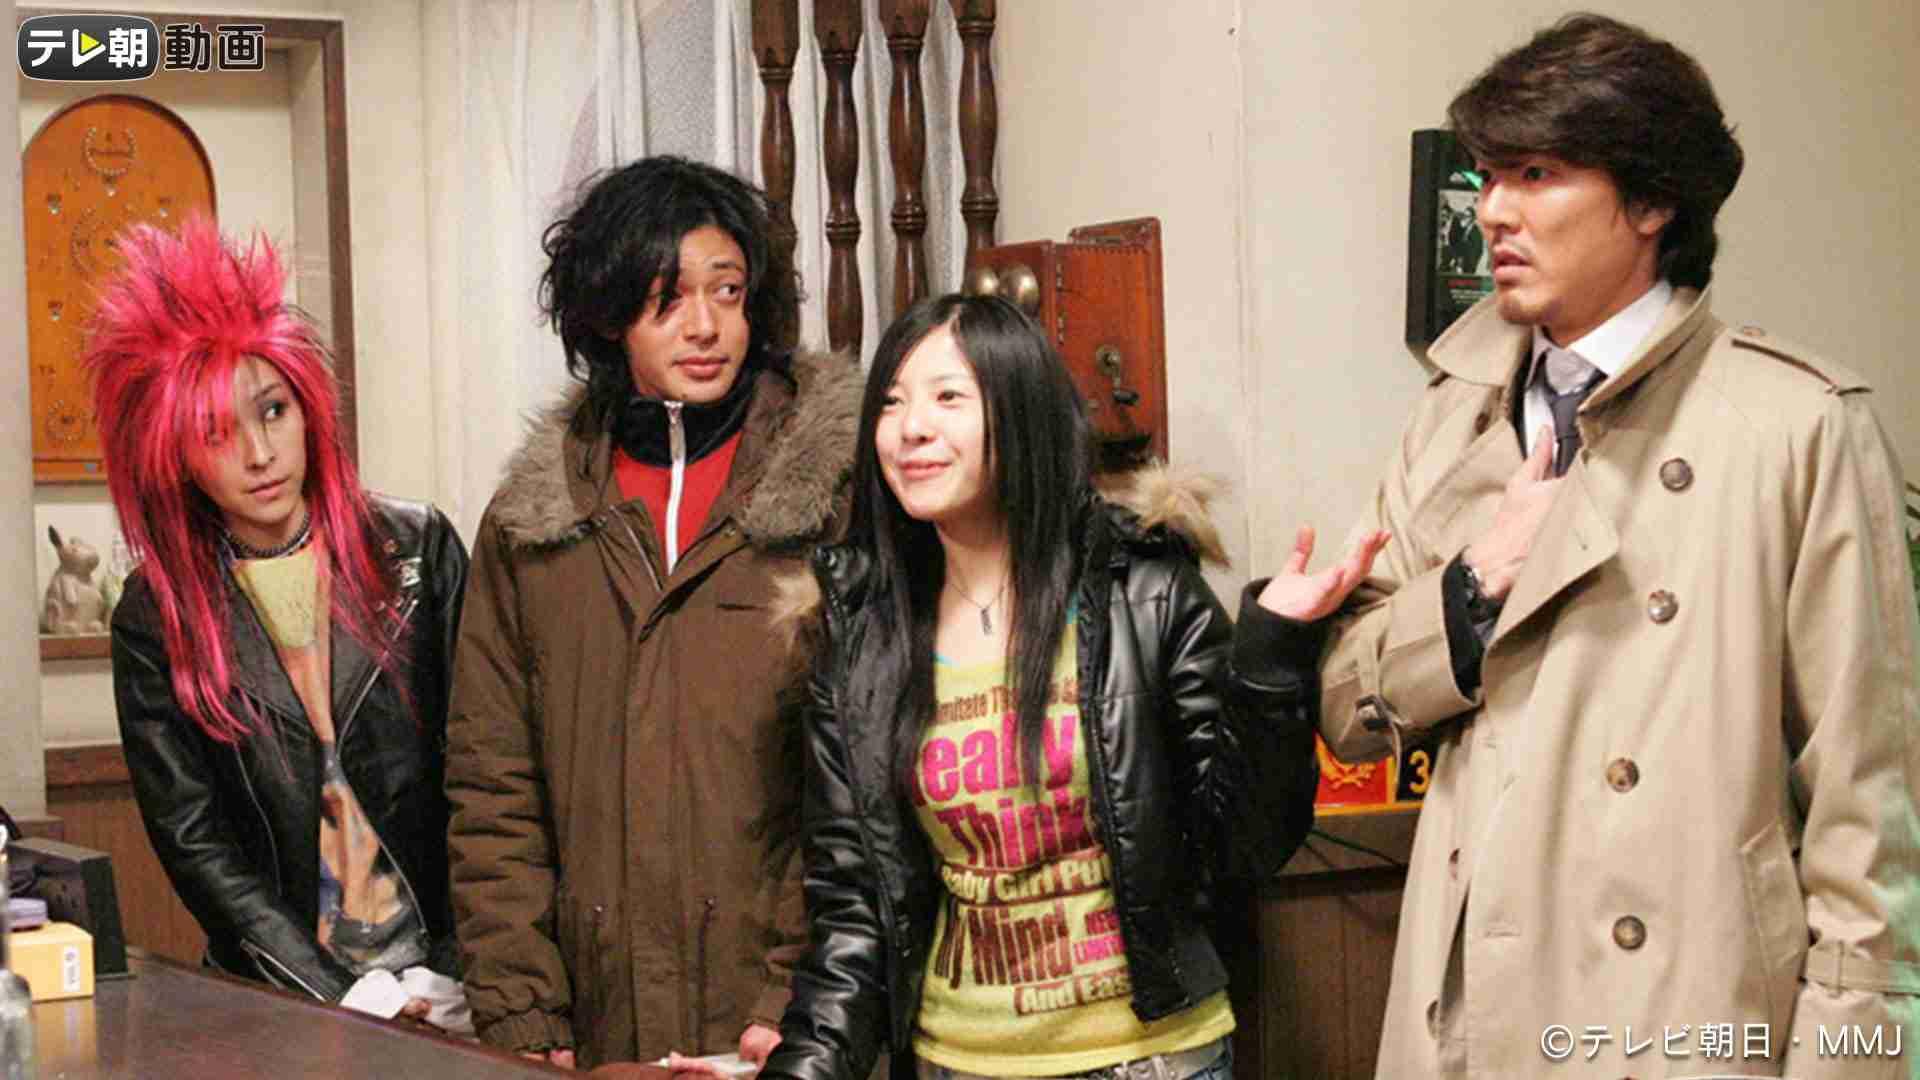 小泉今日子が所属事務所からの独立発表、豊原功補との恋愛関係認める